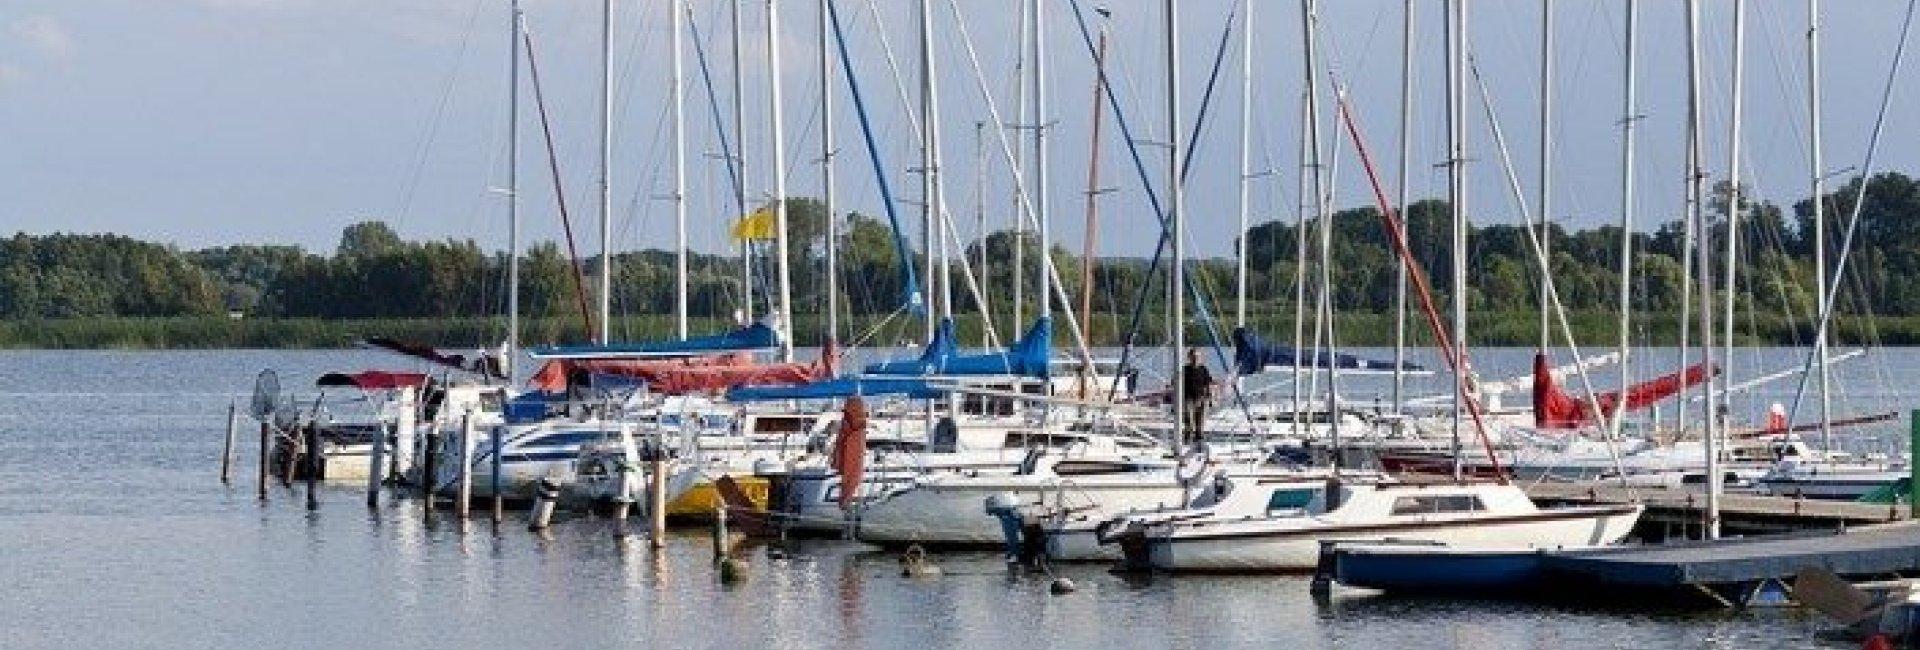 Przystań Jachtowa przy jeziorze Jamno